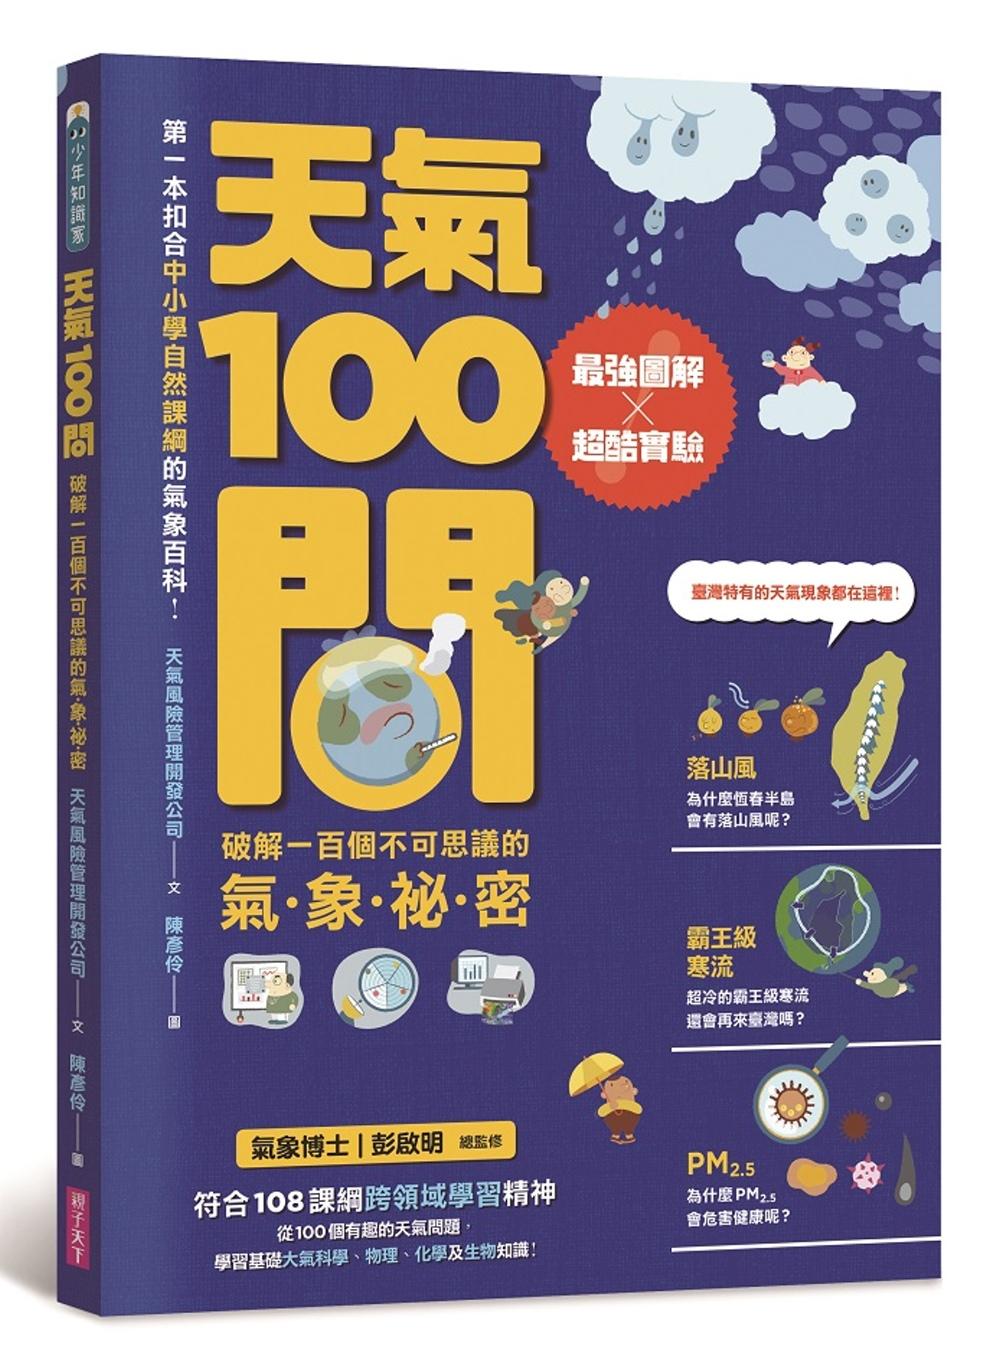 天氣100問:最強圖解X超酷實驗:破解一百個不可思議的氣象祕密